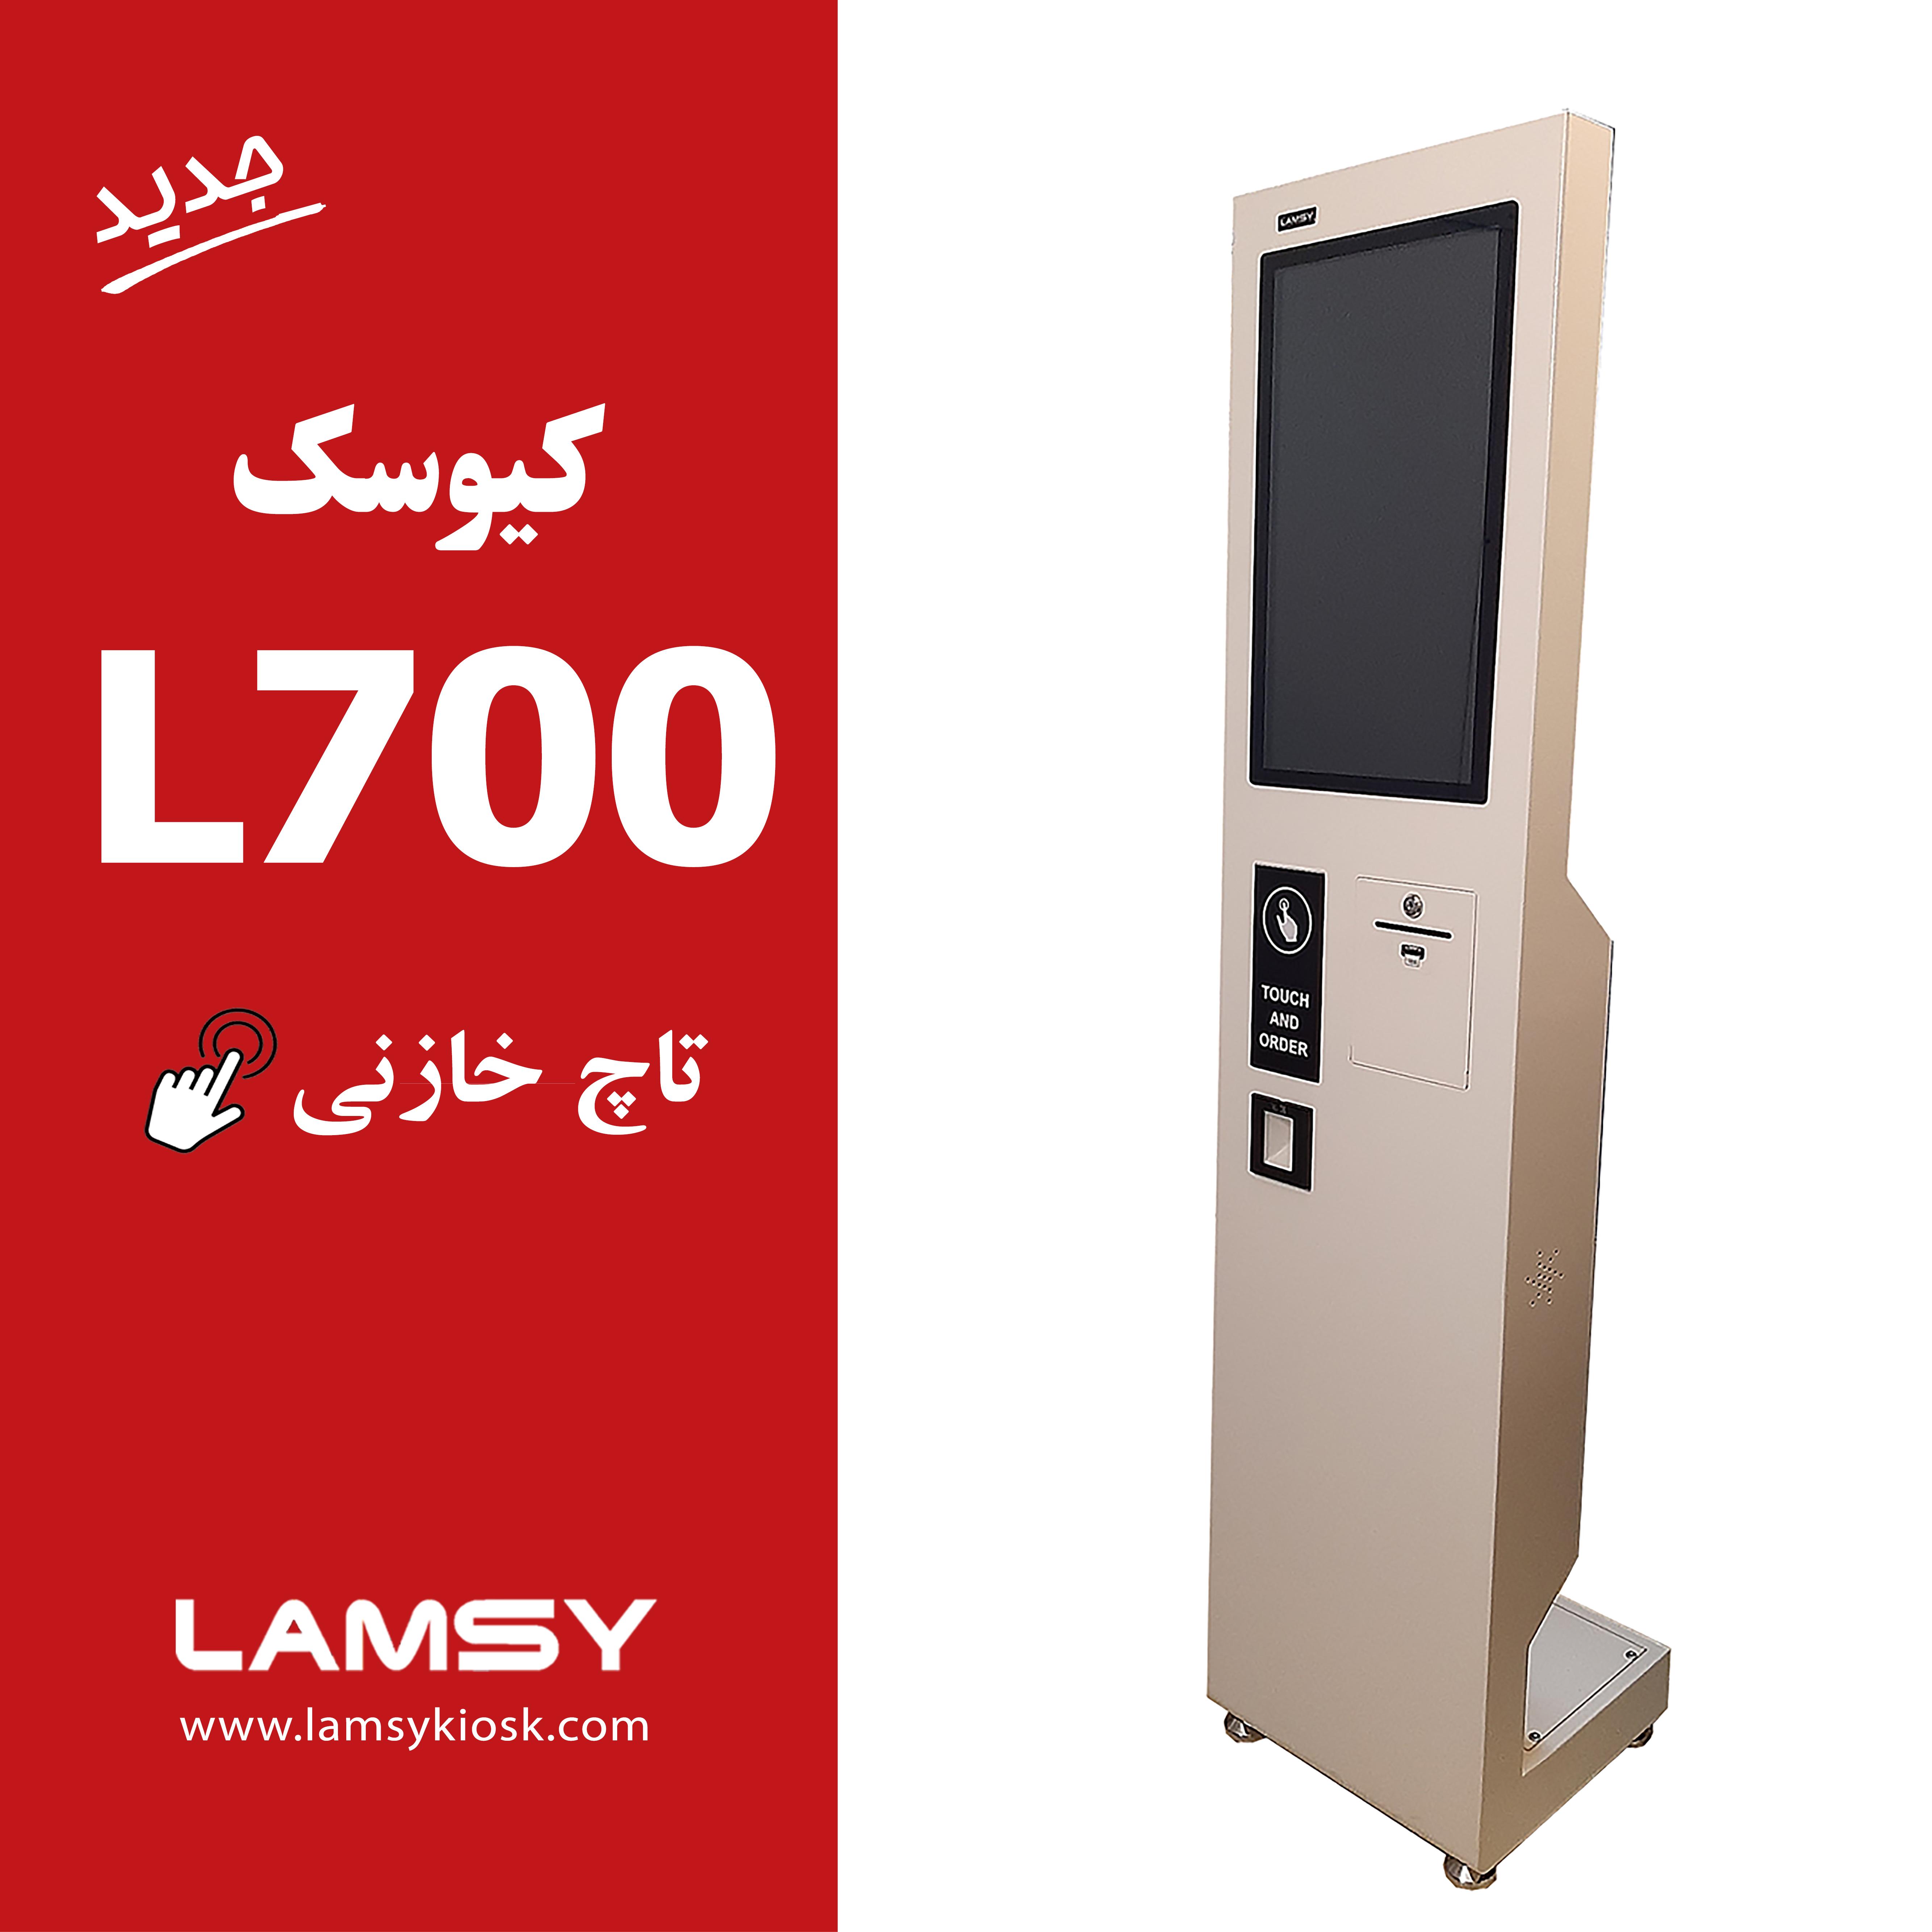 عرضه کیوسک جدید LAMSY با کاربری اطلاع رسانی و ارائه خدمات آنلاین